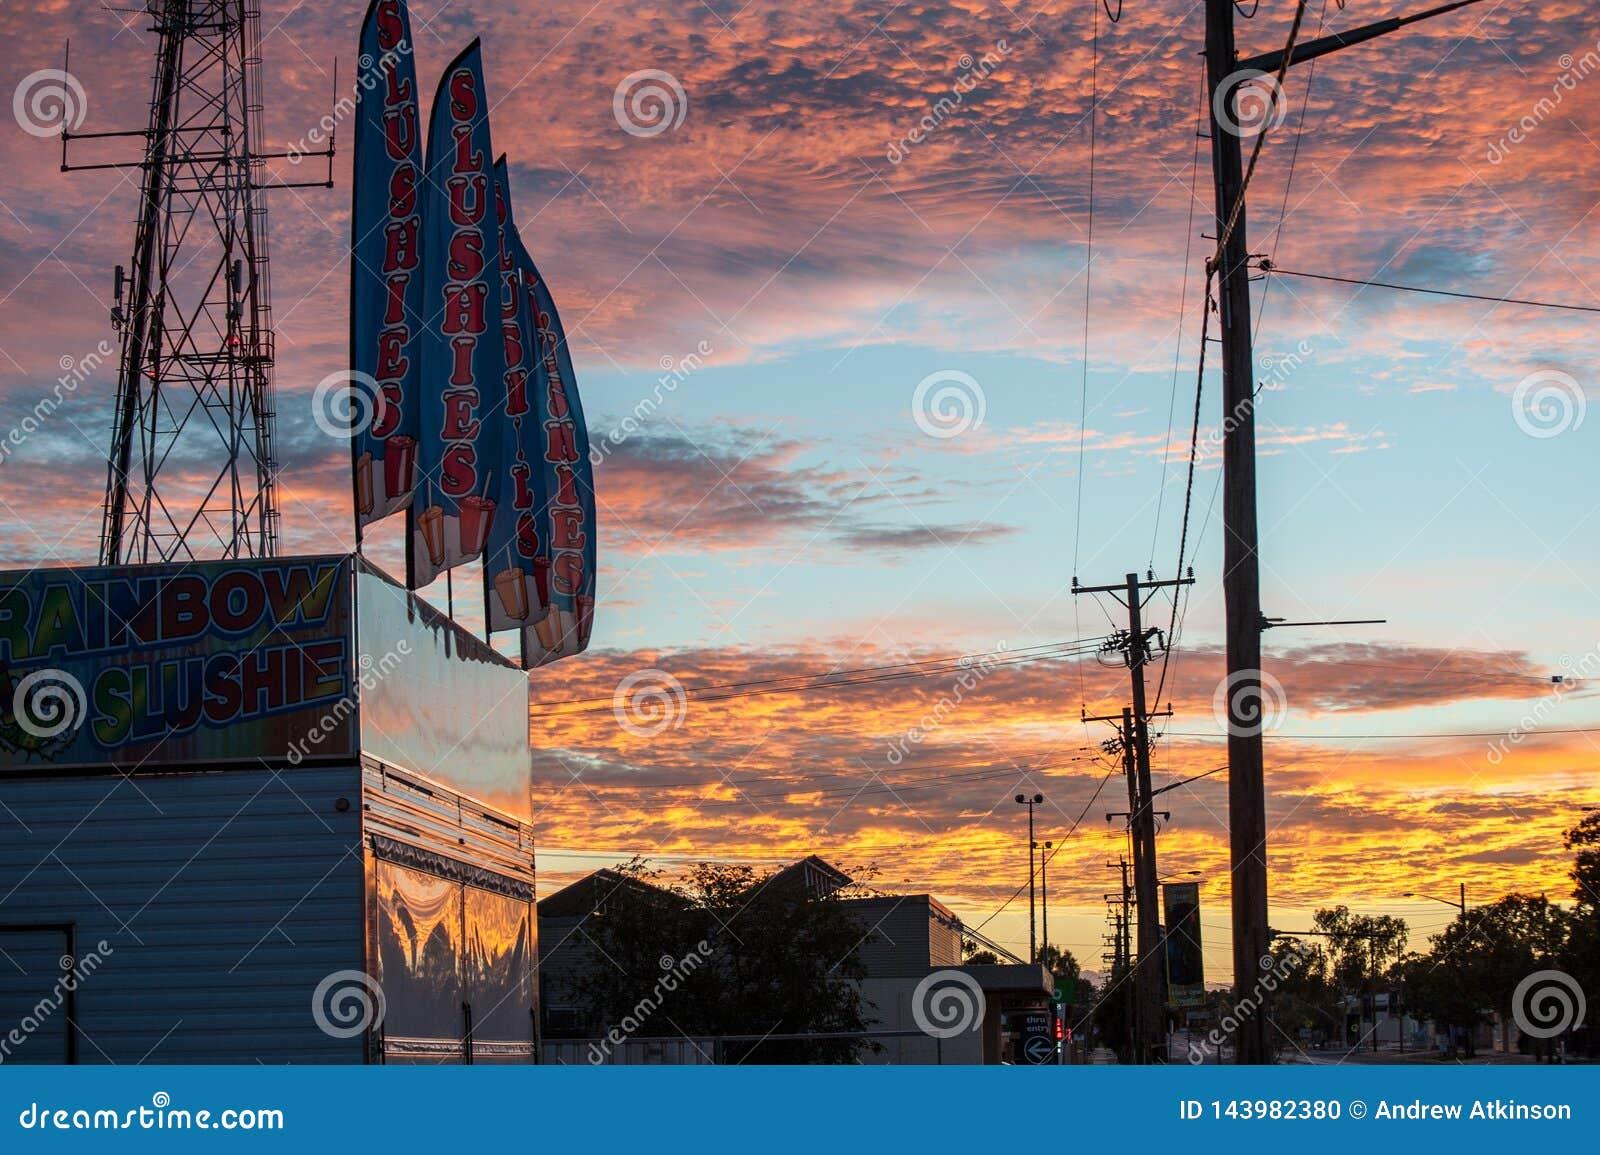 Σημάδια/σημαίες ουράνιων τόξων slushie κάτω από έναν χρωματισμένο ουράνιο τόξο ουρανό